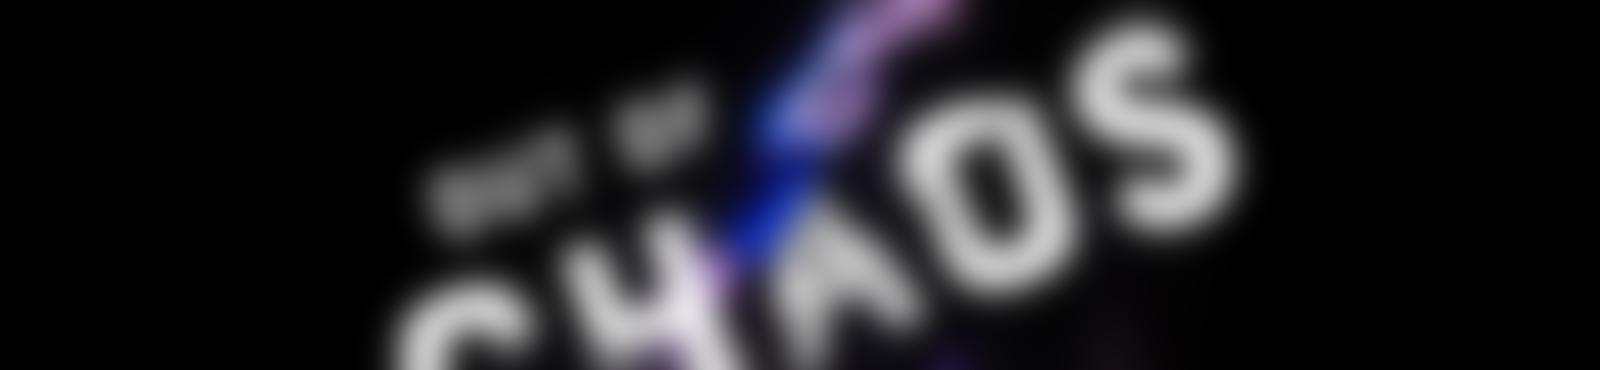 Blurred a9c38f3b fa0c 45f4 bbd8 83ae6c199fdf